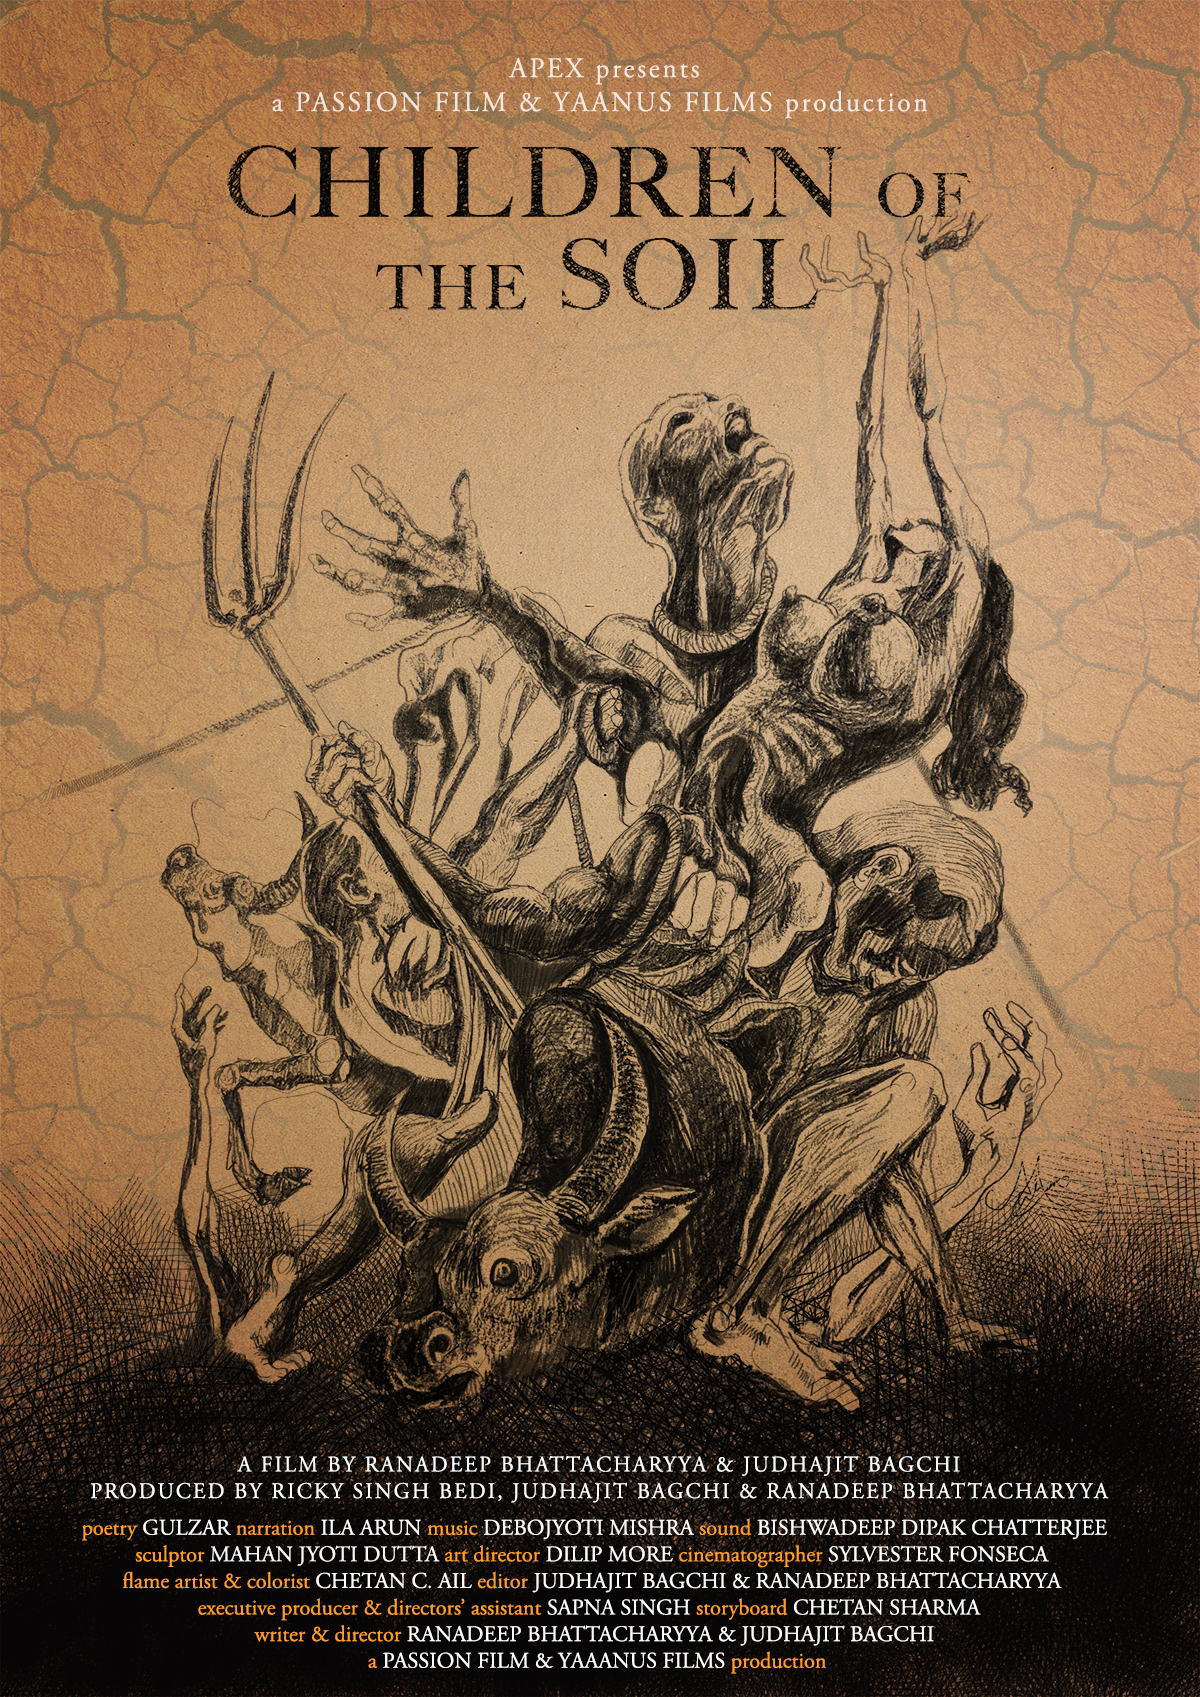 Children of the Soil poster